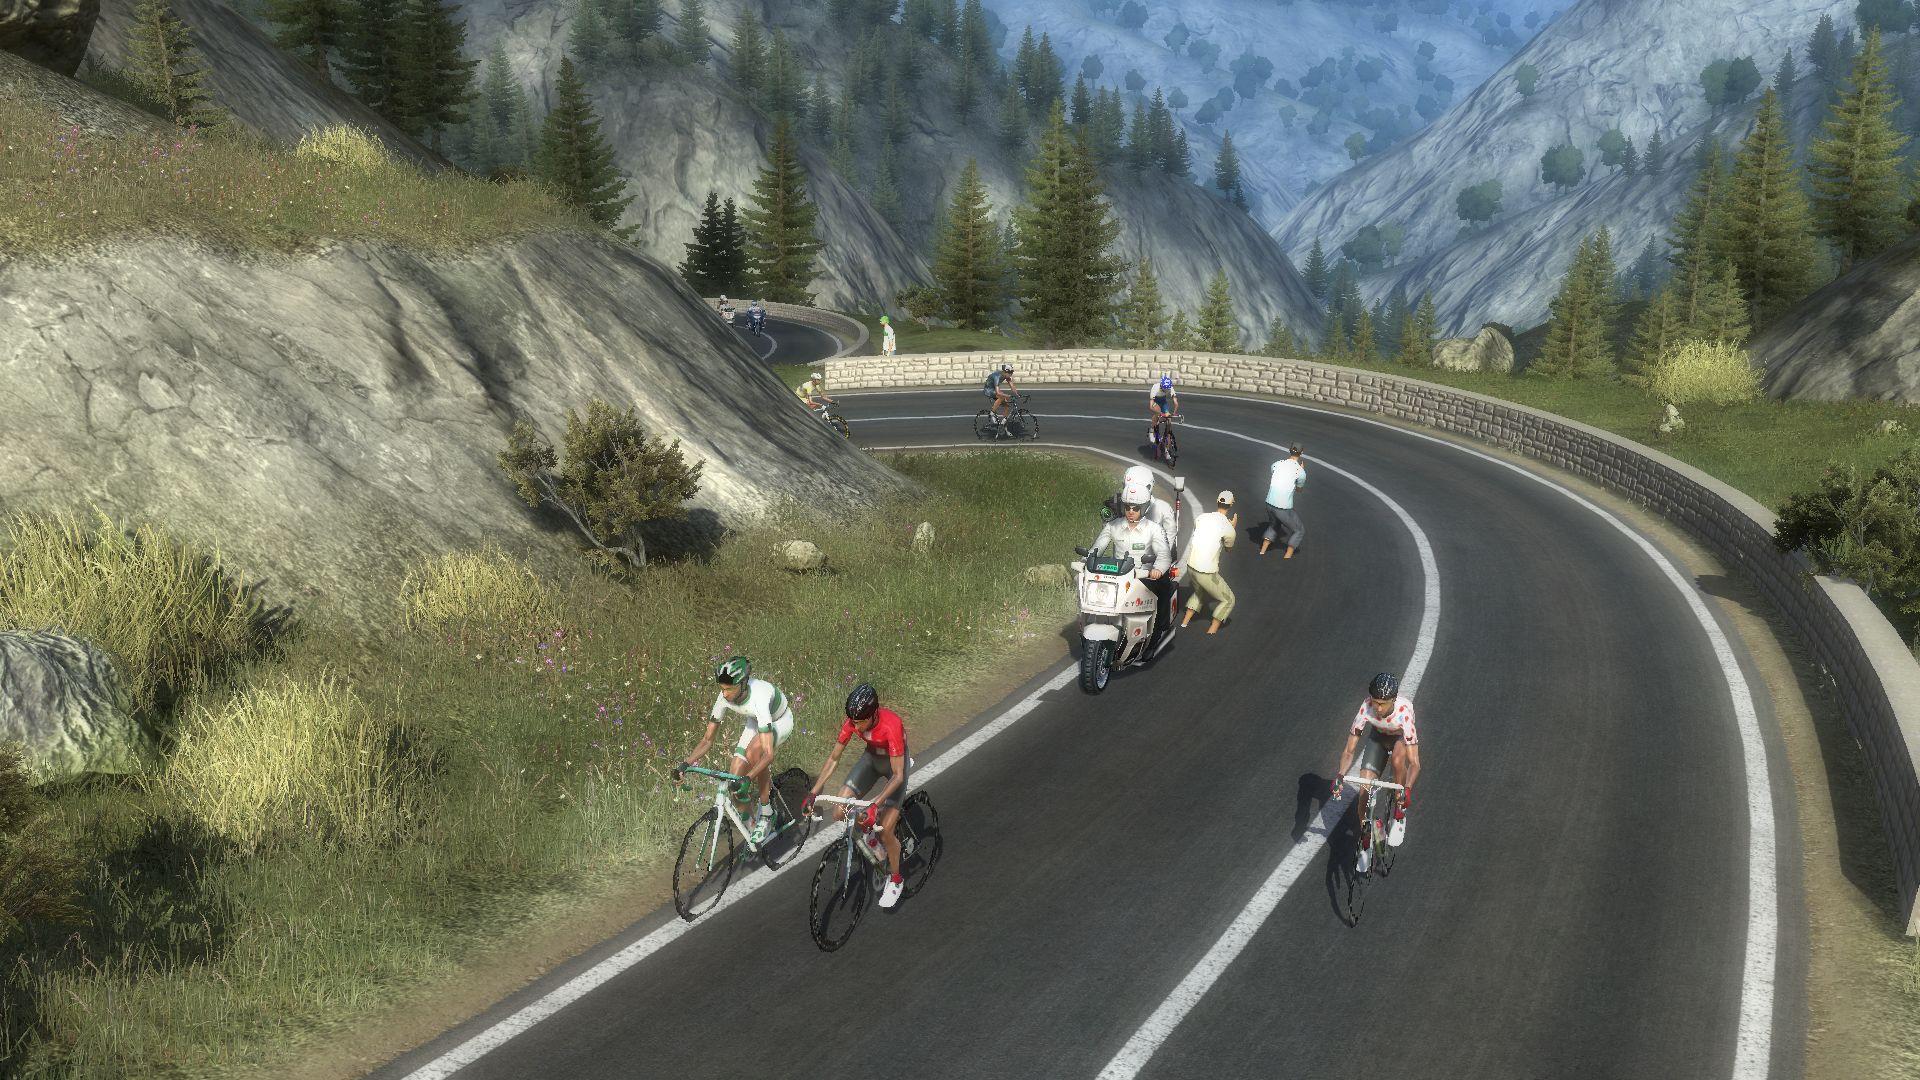 pcmdaily.com/images/mg/2020/Reports/C1/Andorra/TdAS5%2013.jpg